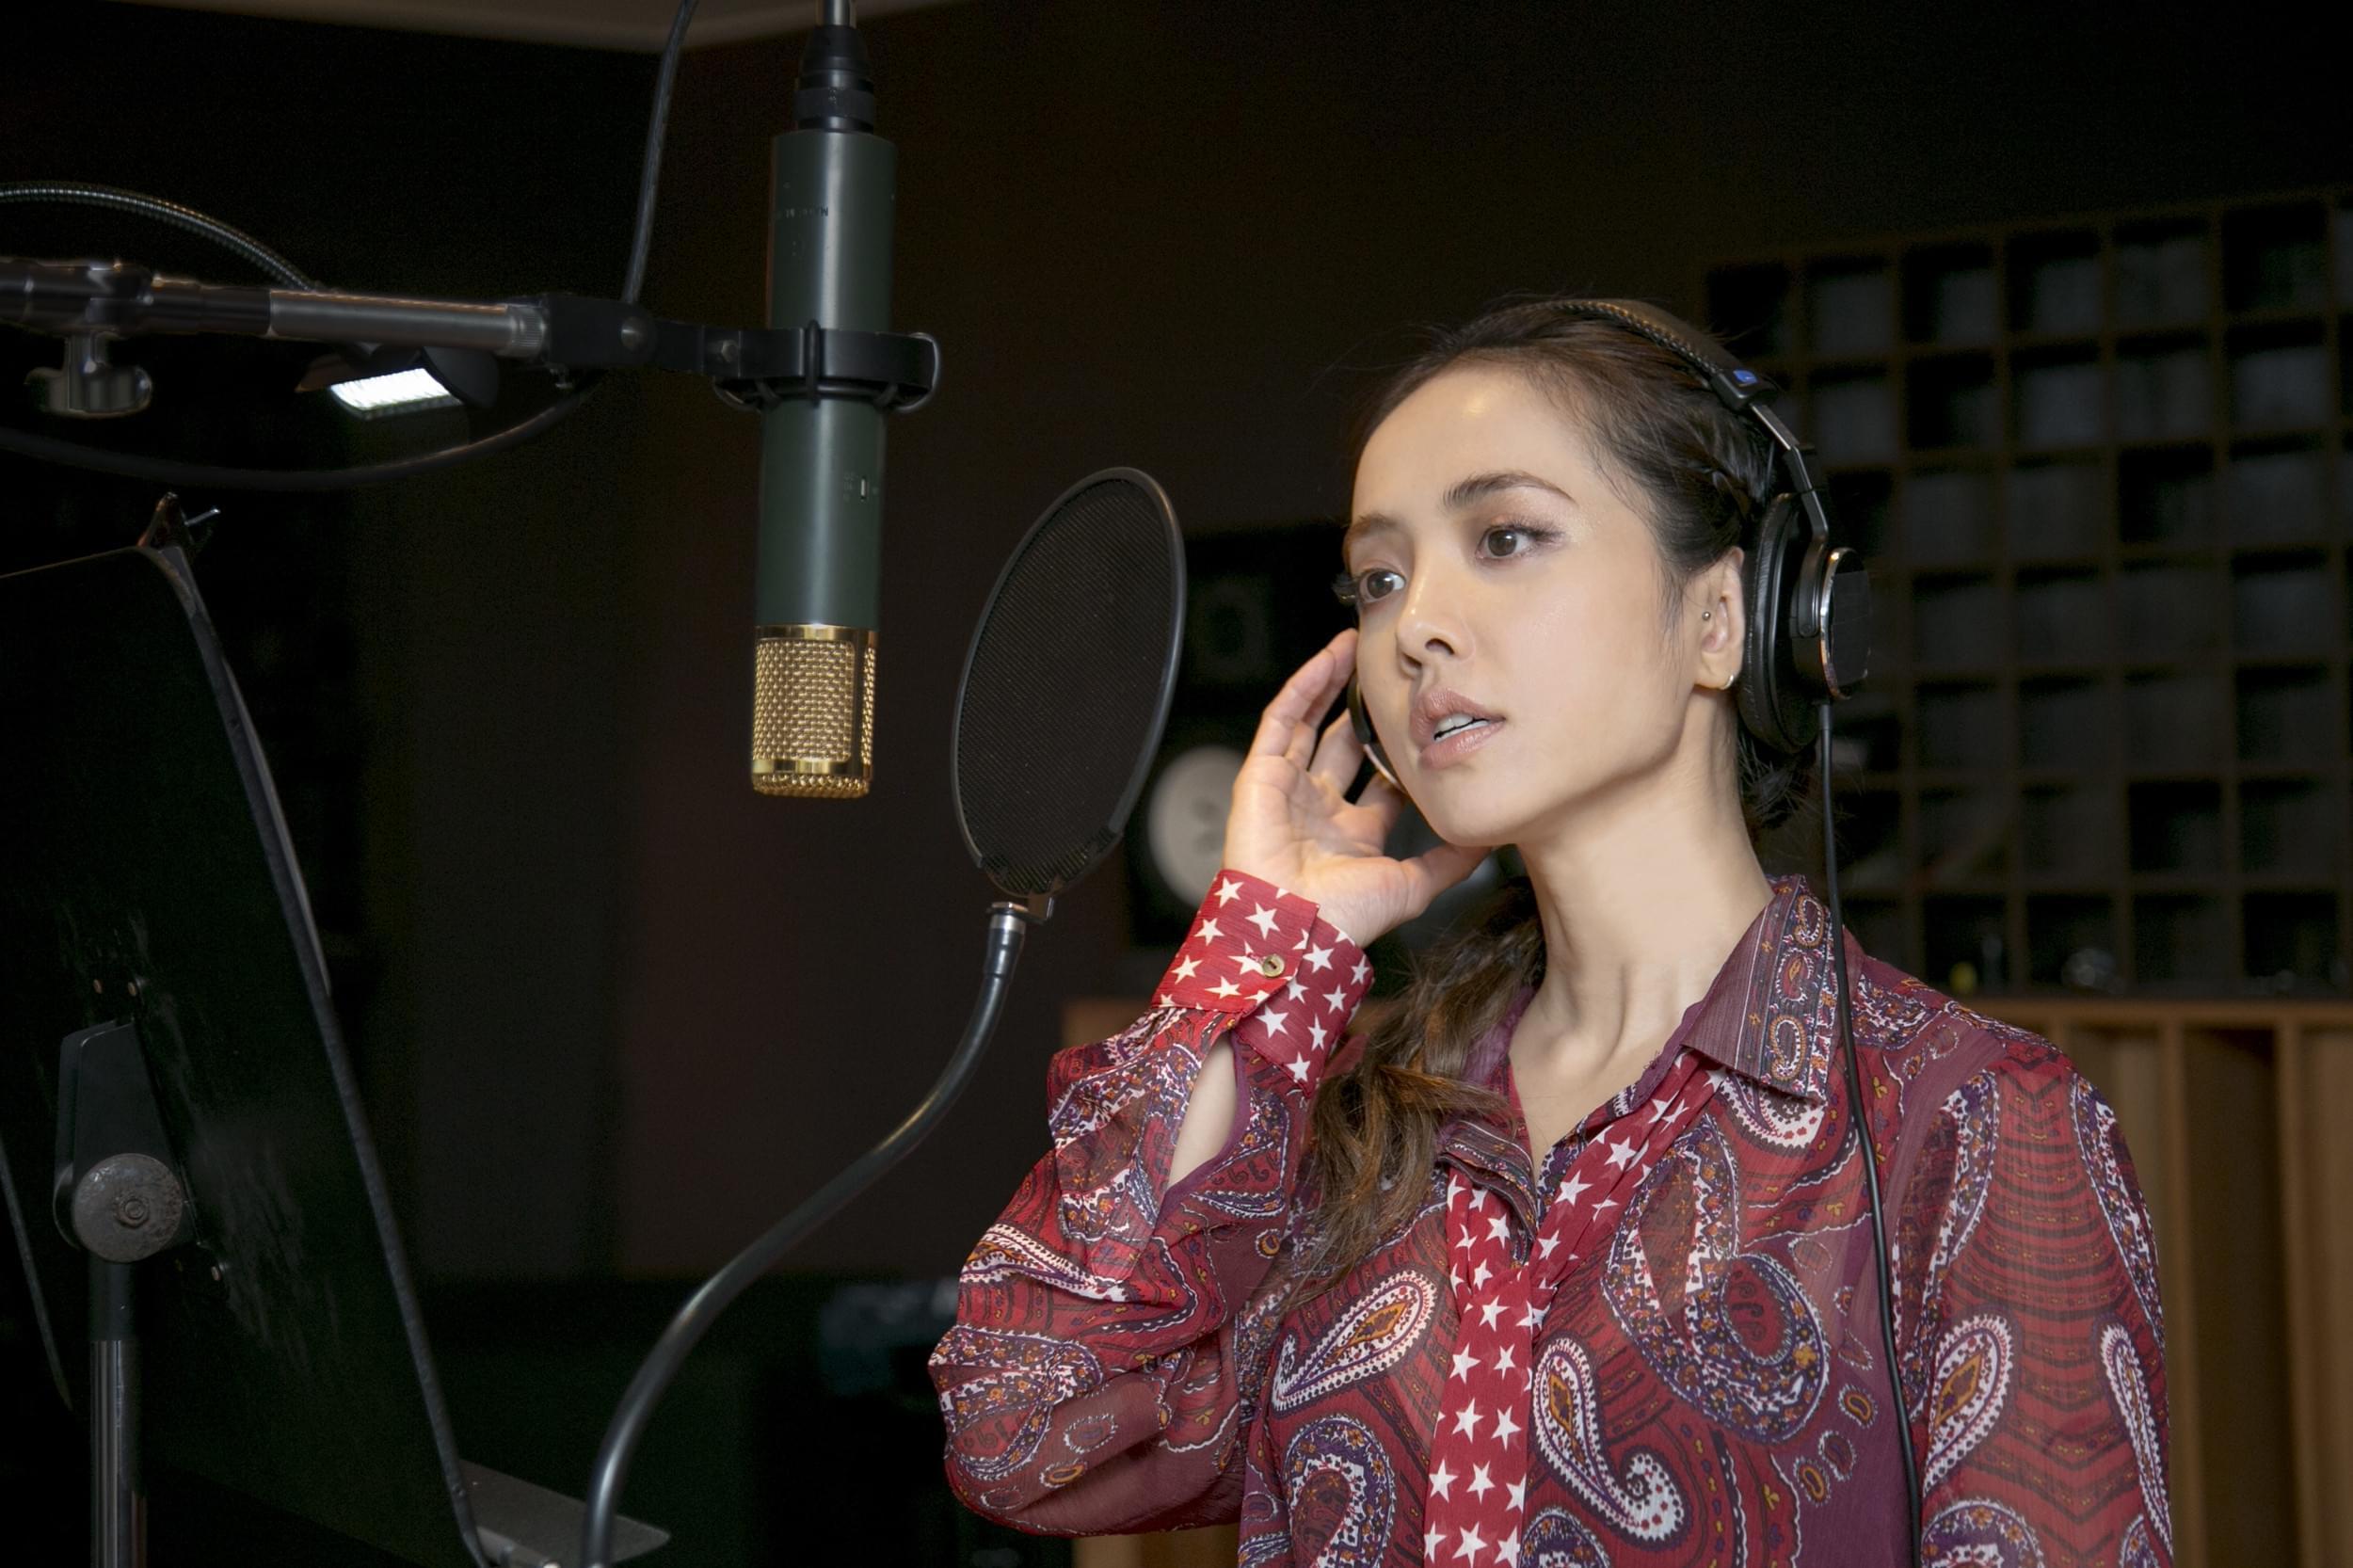 蔡依林新单曲《幸福路上》11.20日温情上线